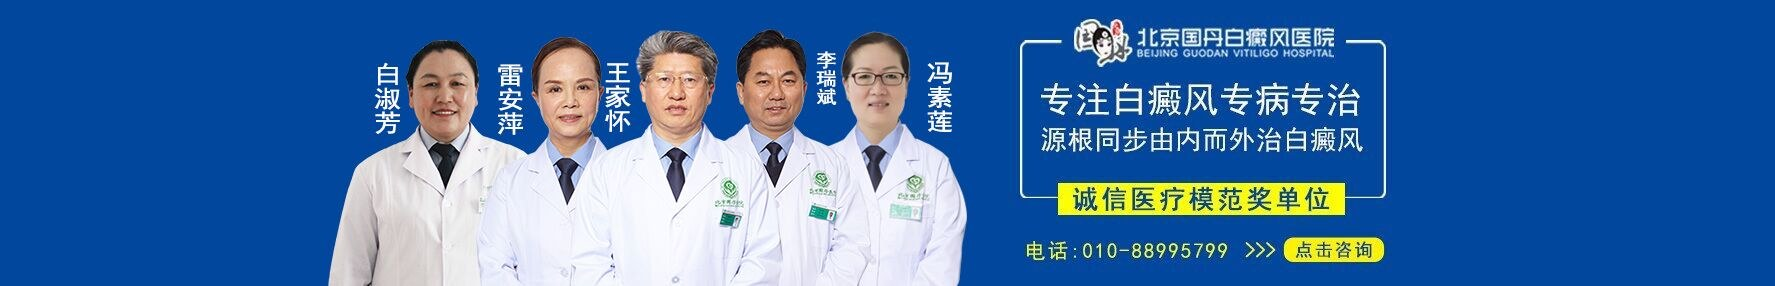 河北白癜风医院